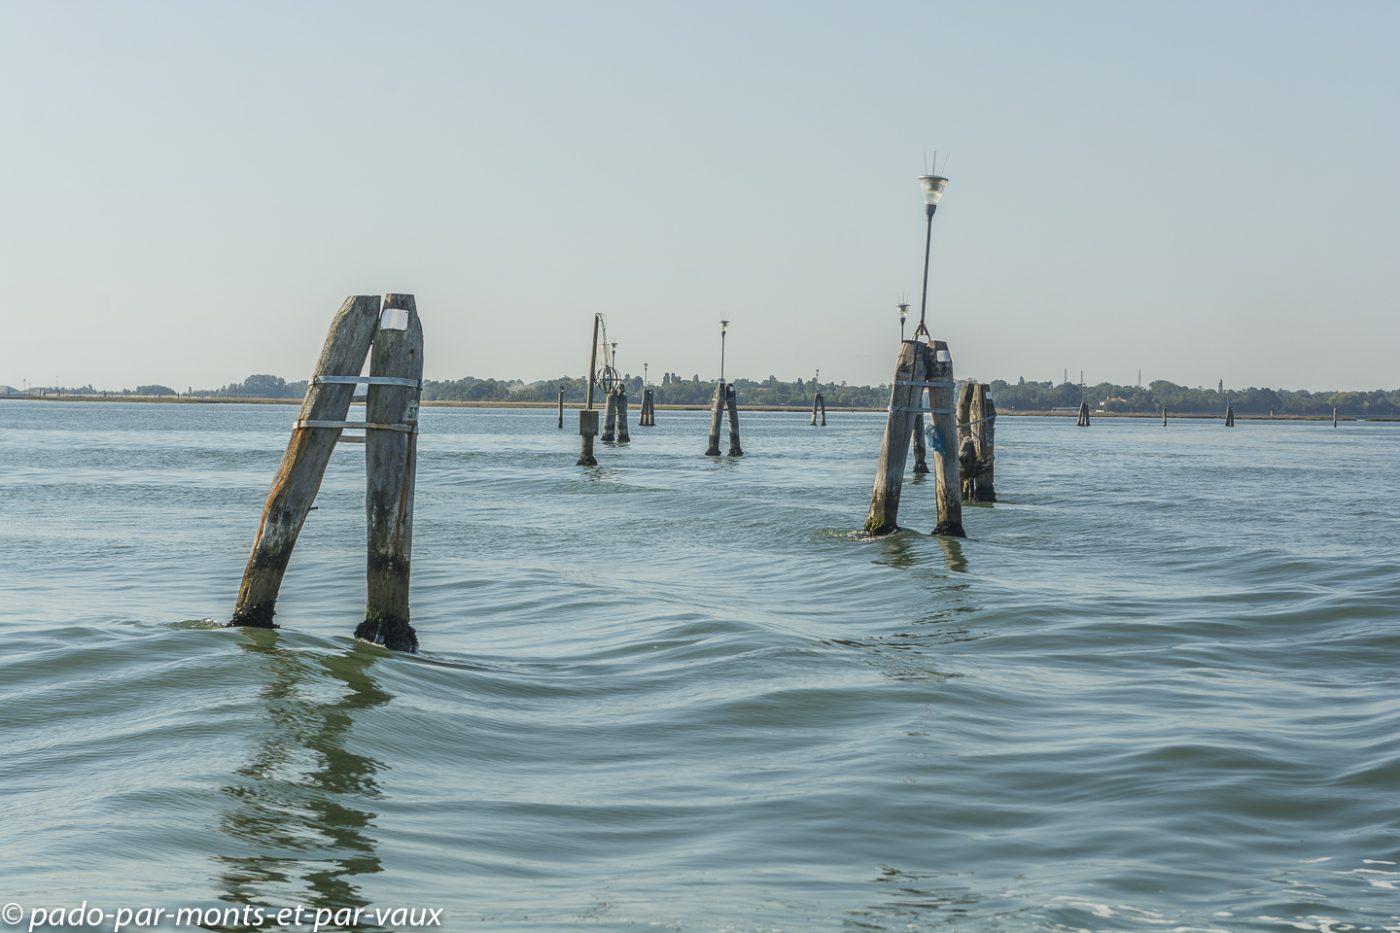 Venise - Sur la lagune - Bricoles